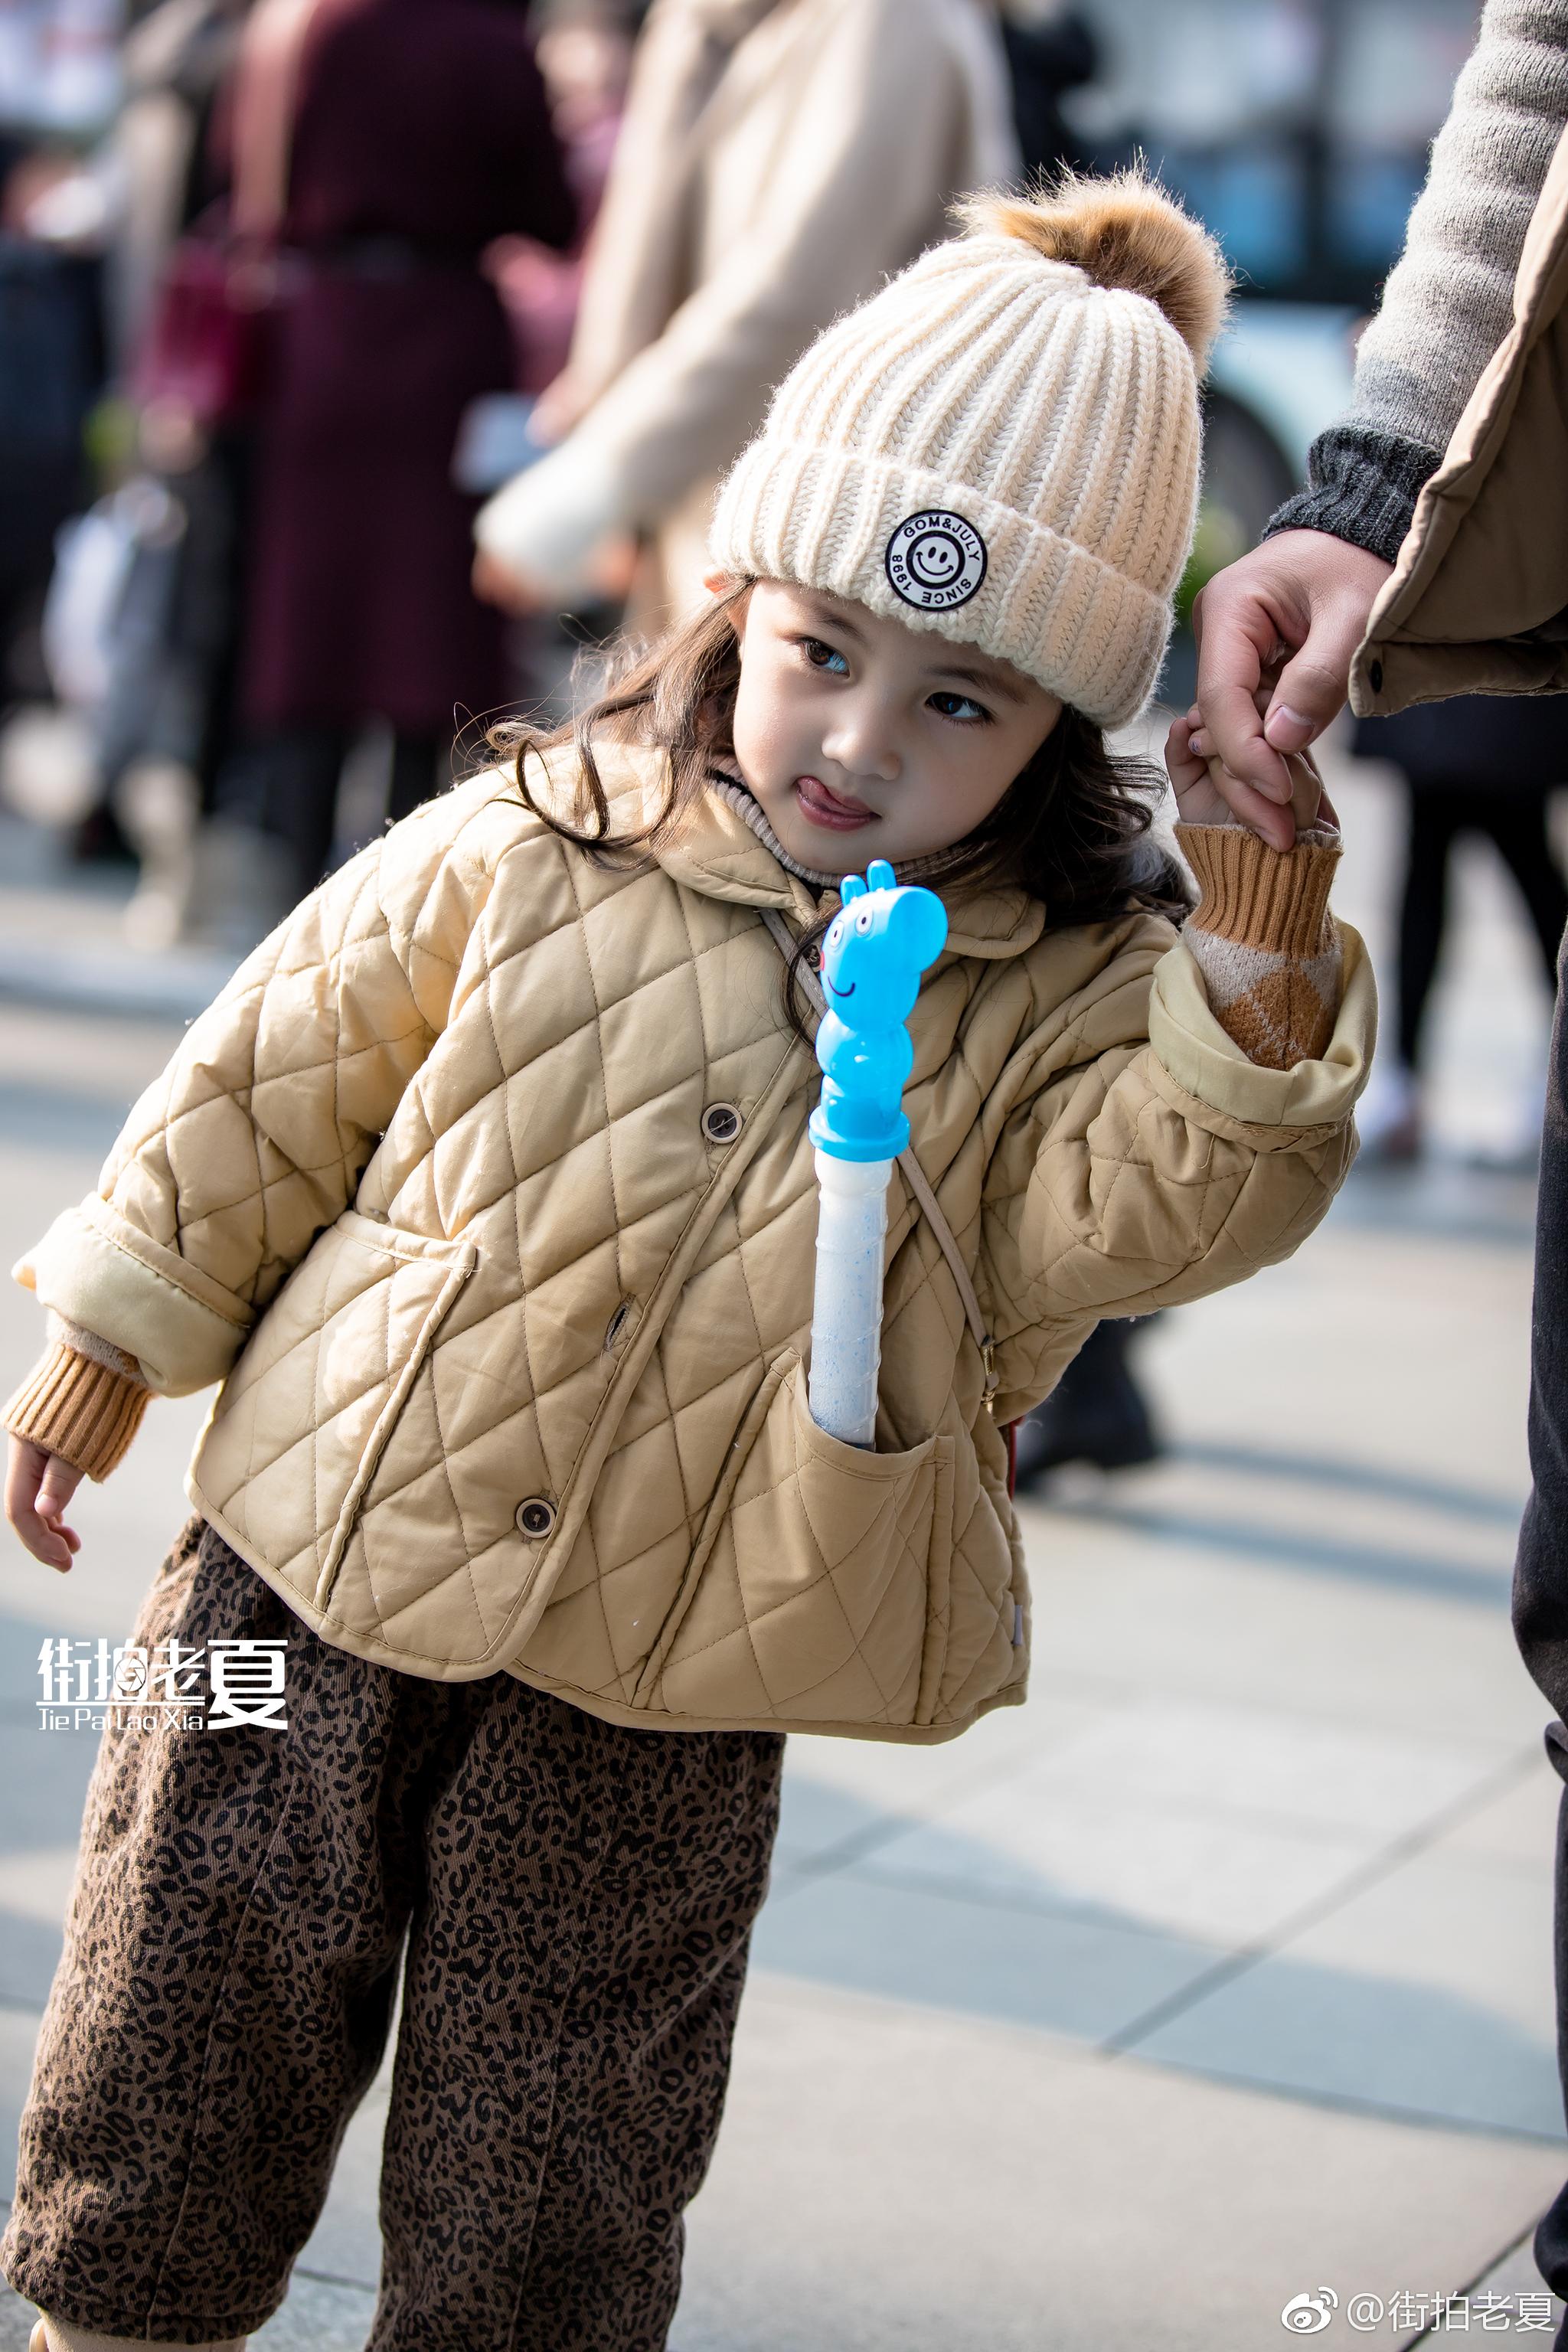 0   @ 街拍老夏 「成都街拍」这么可爱的小朋友,你们难道不赶紧找个男